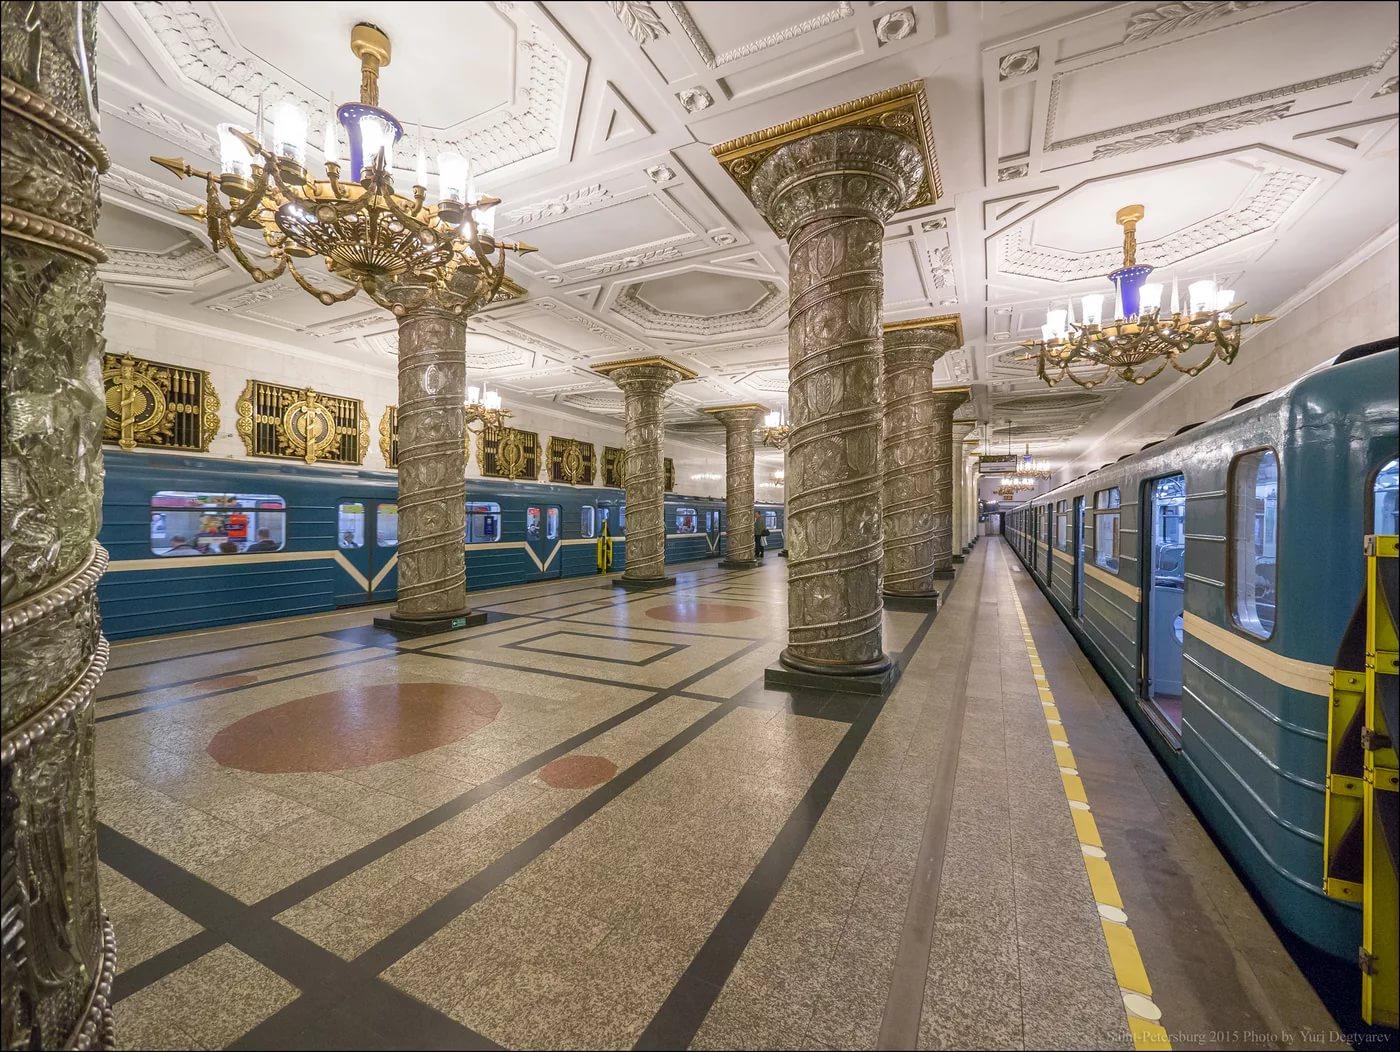 Esta es una pequeña muestra de estaciones del metro en San Petersburgo y Moscú, perfecta conjunción de arte y funcionalidad. https://t.co/DclN9jOAtO